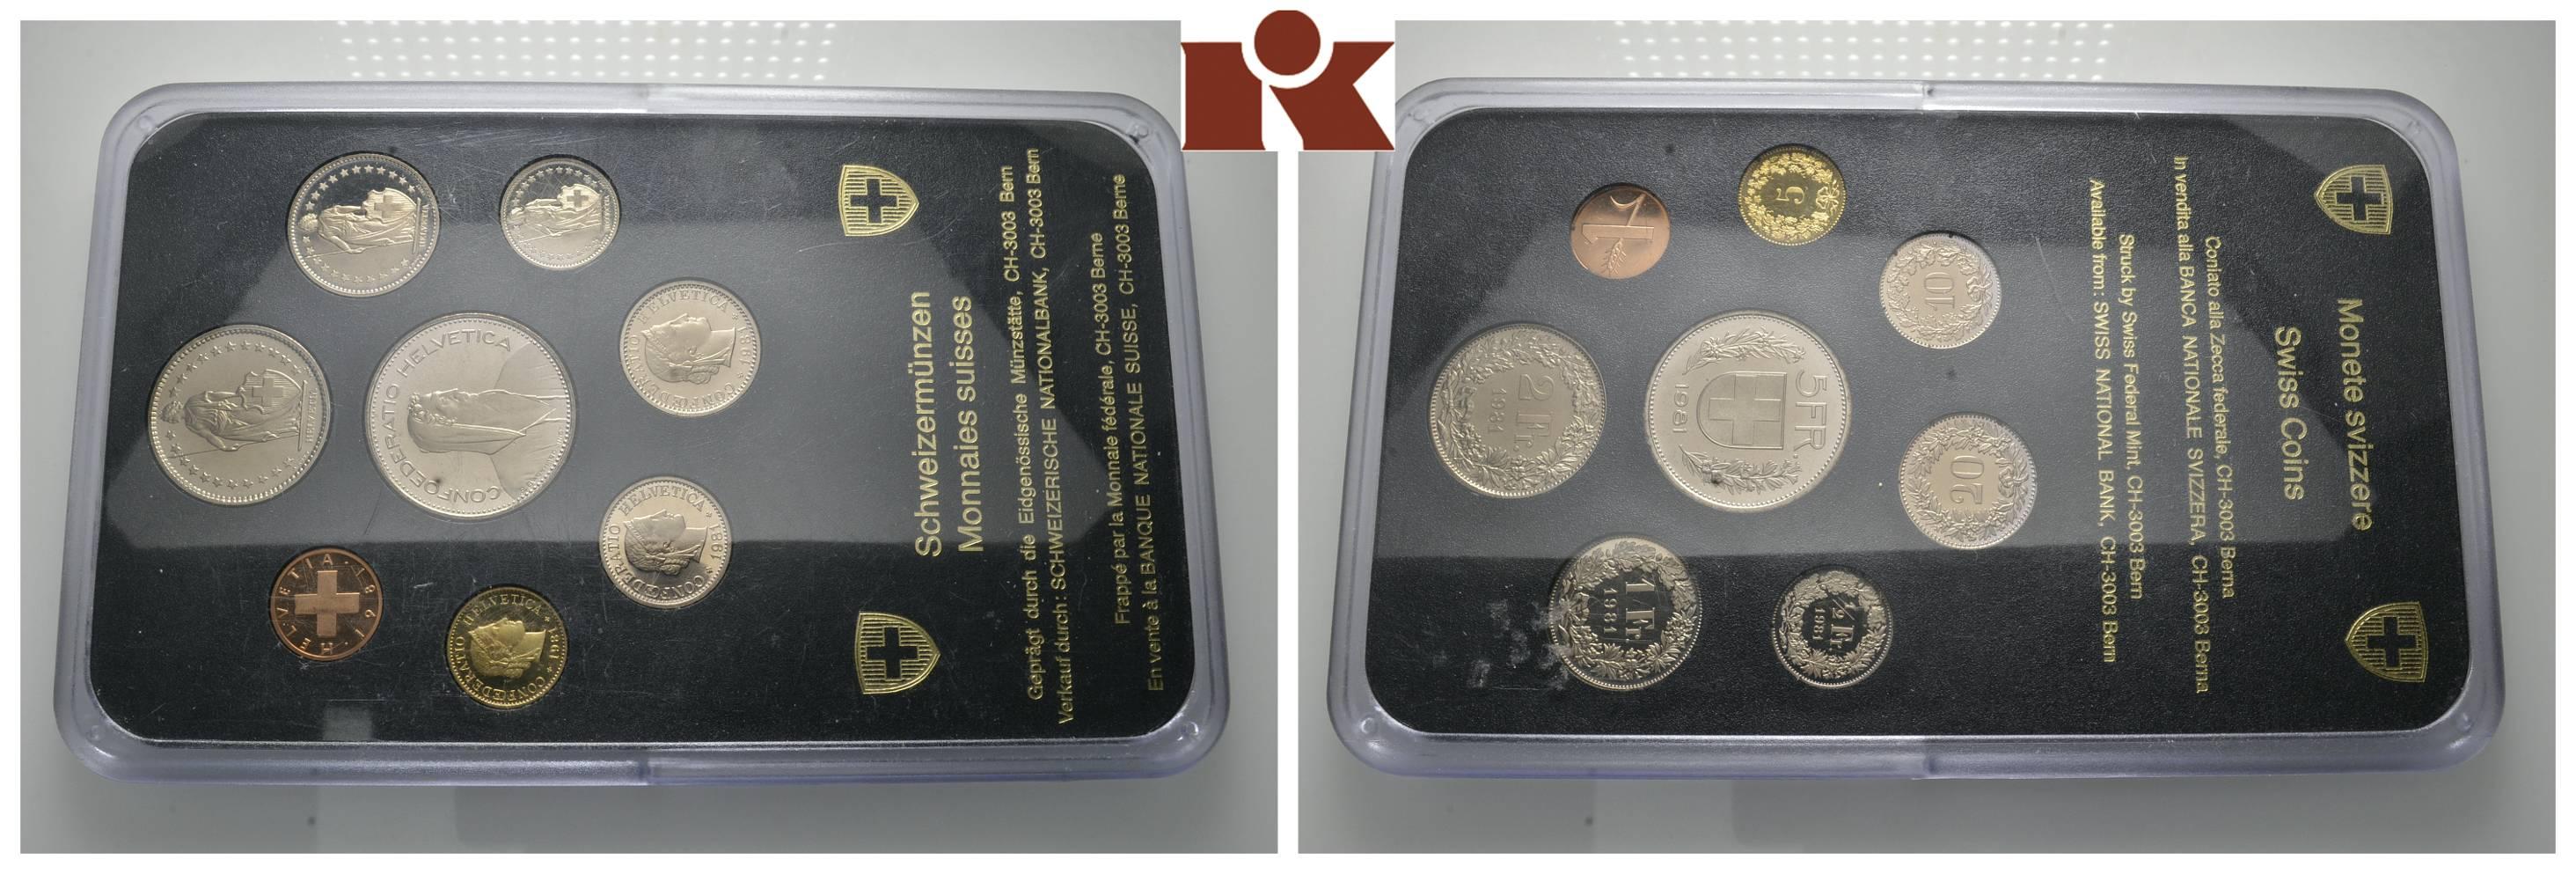 Schweiz. Kursmünzensatz 1981, 1986 und 1989 (je 8 Münzen). San ...